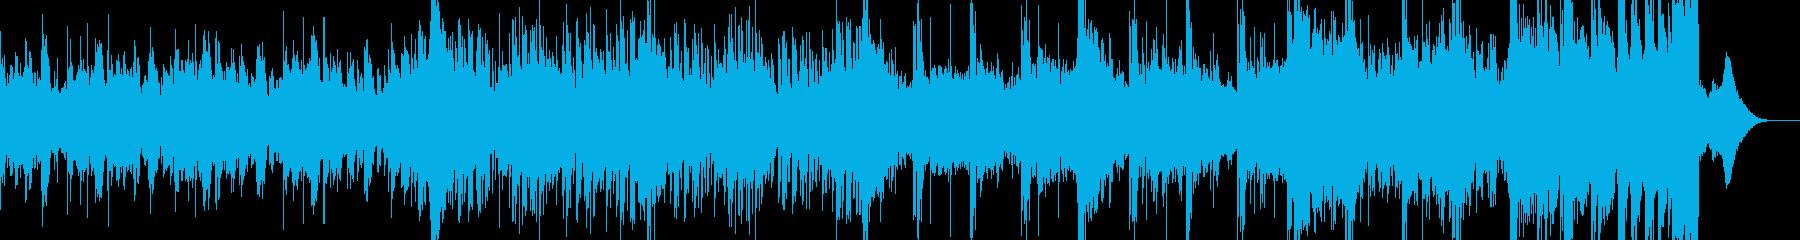 インダストリアルでシネマティックな曲の再生済みの波形